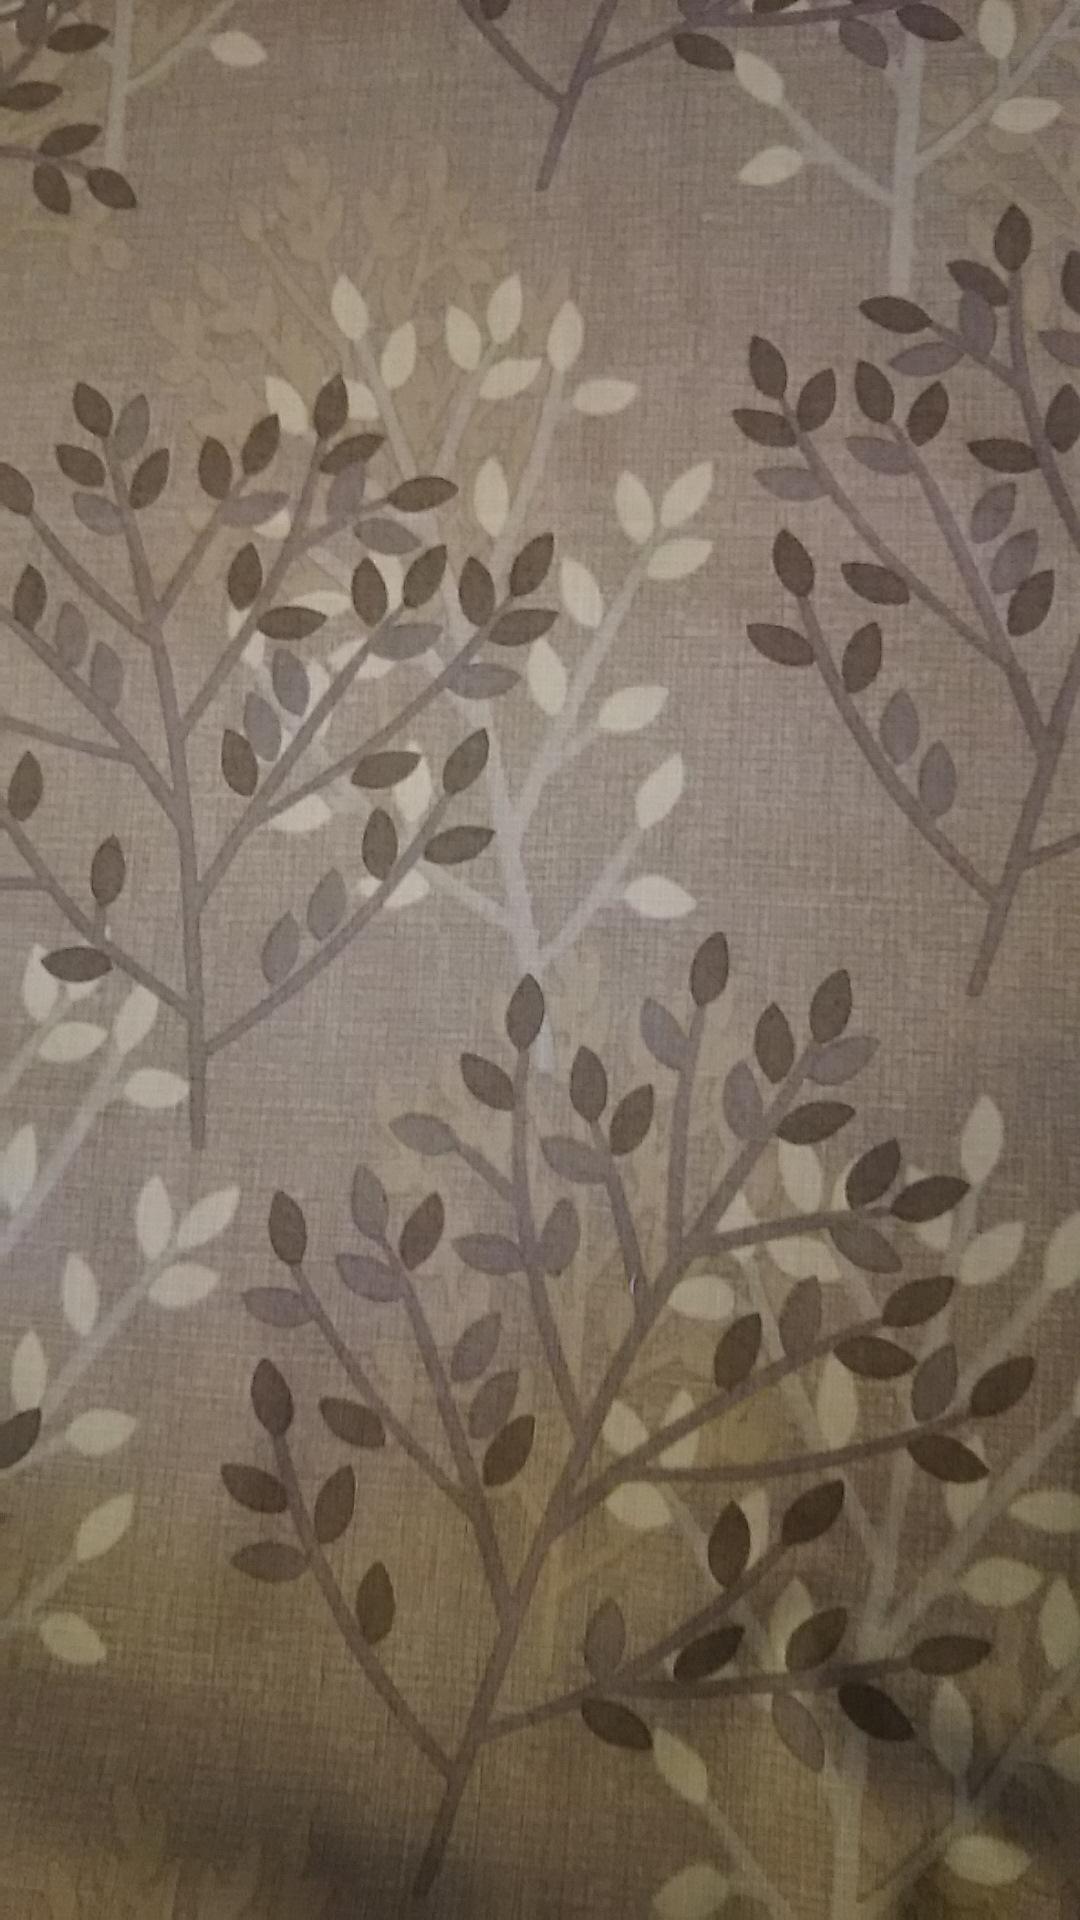 樹木柄の布地